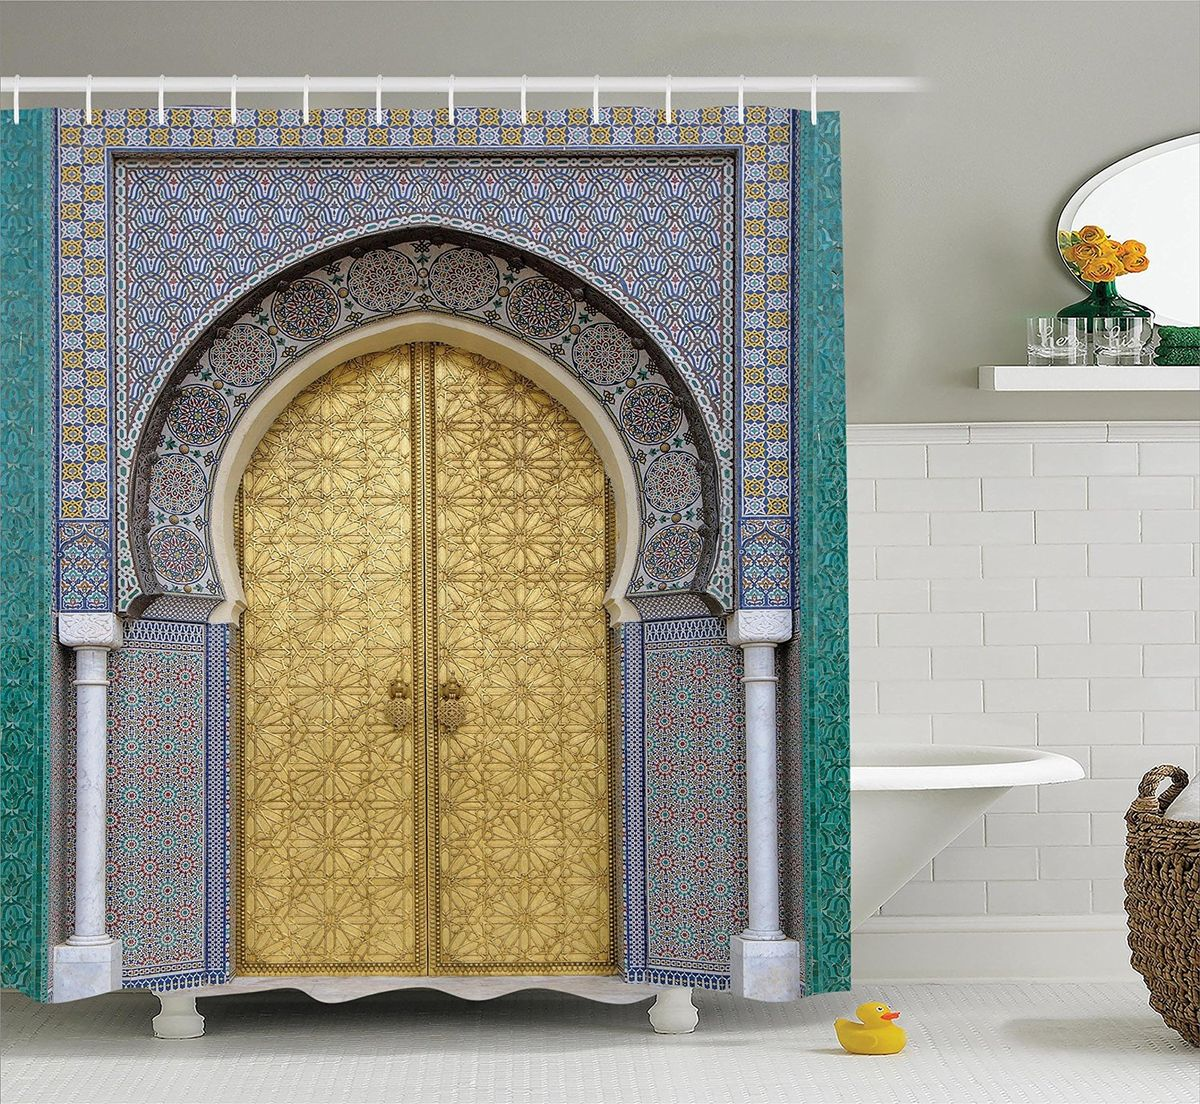 Штора для ванной комнаты Magic Lady Дверь с арабскими узорами, 180 х 200 смшв_10903Штора Magic Lady Дверь с арабскими узорами, изготовленная из высококачественного сатена (полиэстер 100%), отлично дополнит любой интерьер ванной комнаты. При изготовлении используются специальные гипоаллергенные чернила для прямой печати по ткани, безопасные для человека.В комплекте: 1 штора, 12 крючков. Обращаем ваше внимание, фактический цвет изделия может незначительно отличаться от представленного на фото.